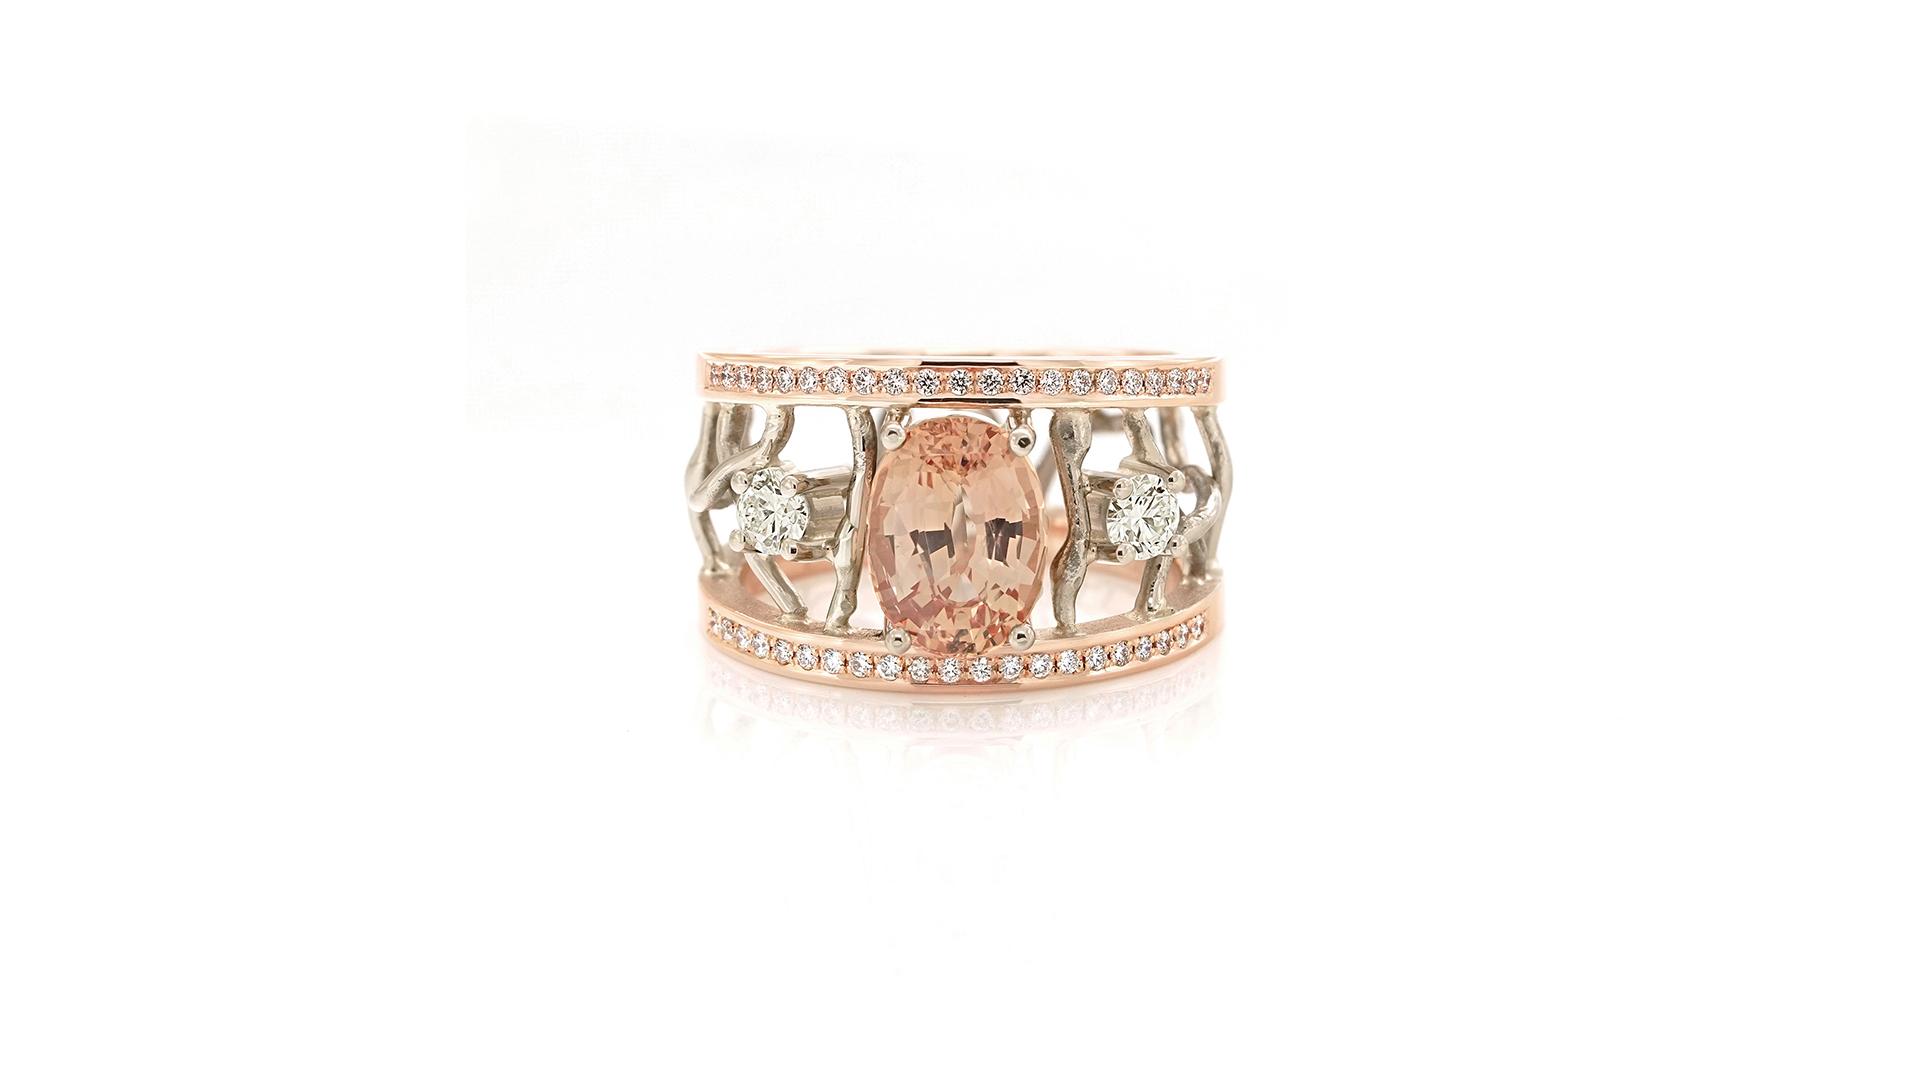 Sabine Eekels - 18 karaat roodgouden ring met witgouden, gesmolten draden, diamanten een een hele mooie, ovale zalmroze saffier